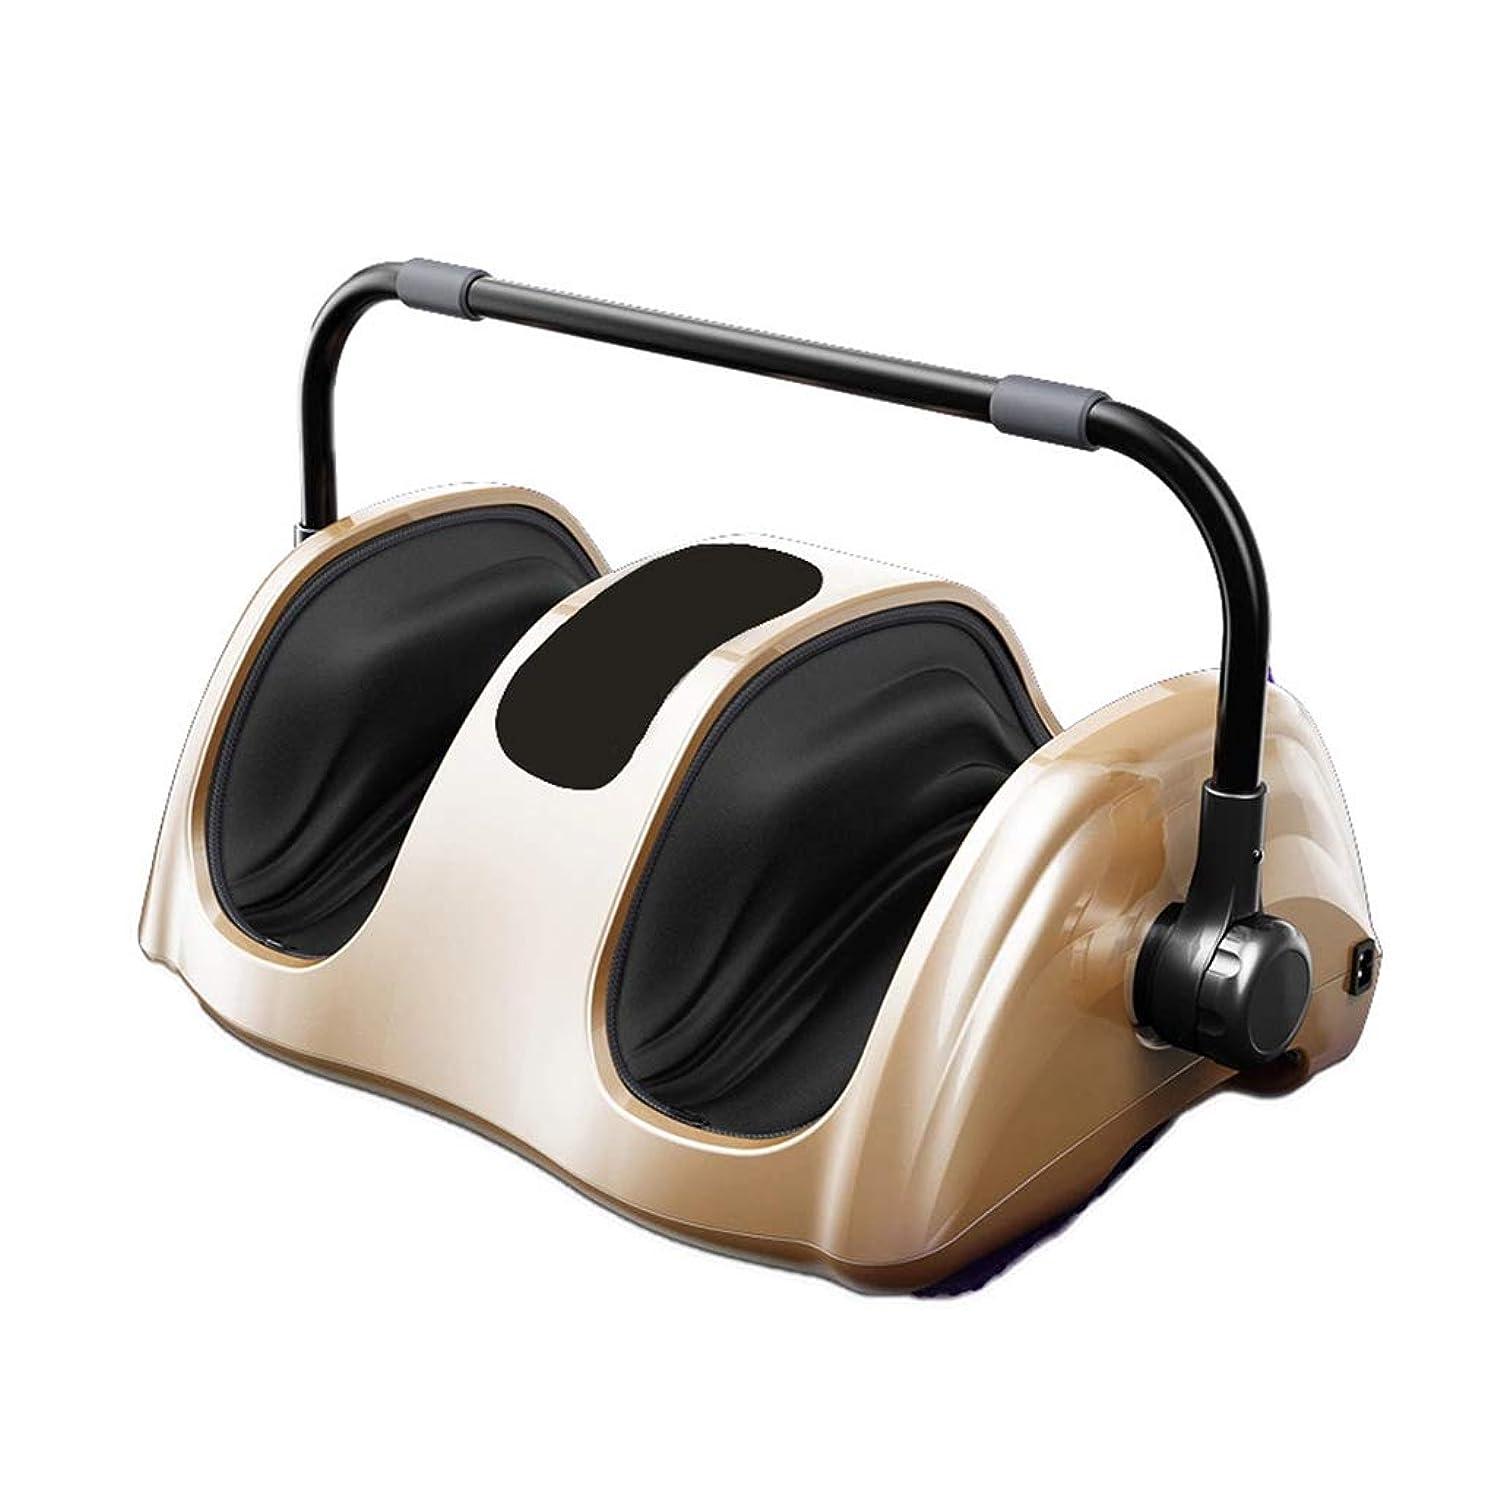 クライストチャーチ化学者発症足用マッサージ機マッサージ、指圧混練ローリングタッピング、空気圧足マッサージ(熱付き)、足の痛みを和らげる(ゴールド)